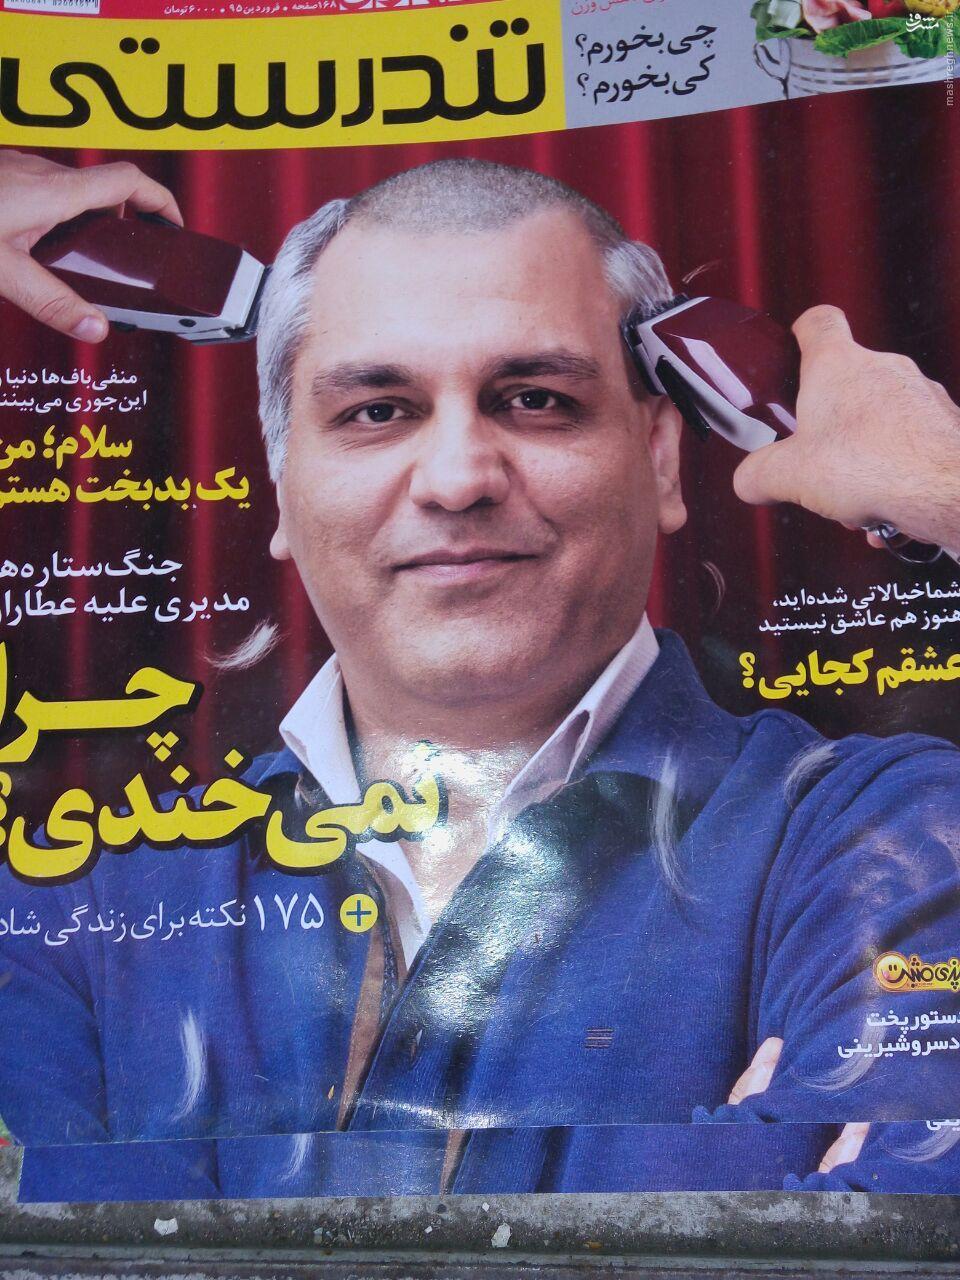 عکس/ سر مهران مدیری هم تراشیده شد